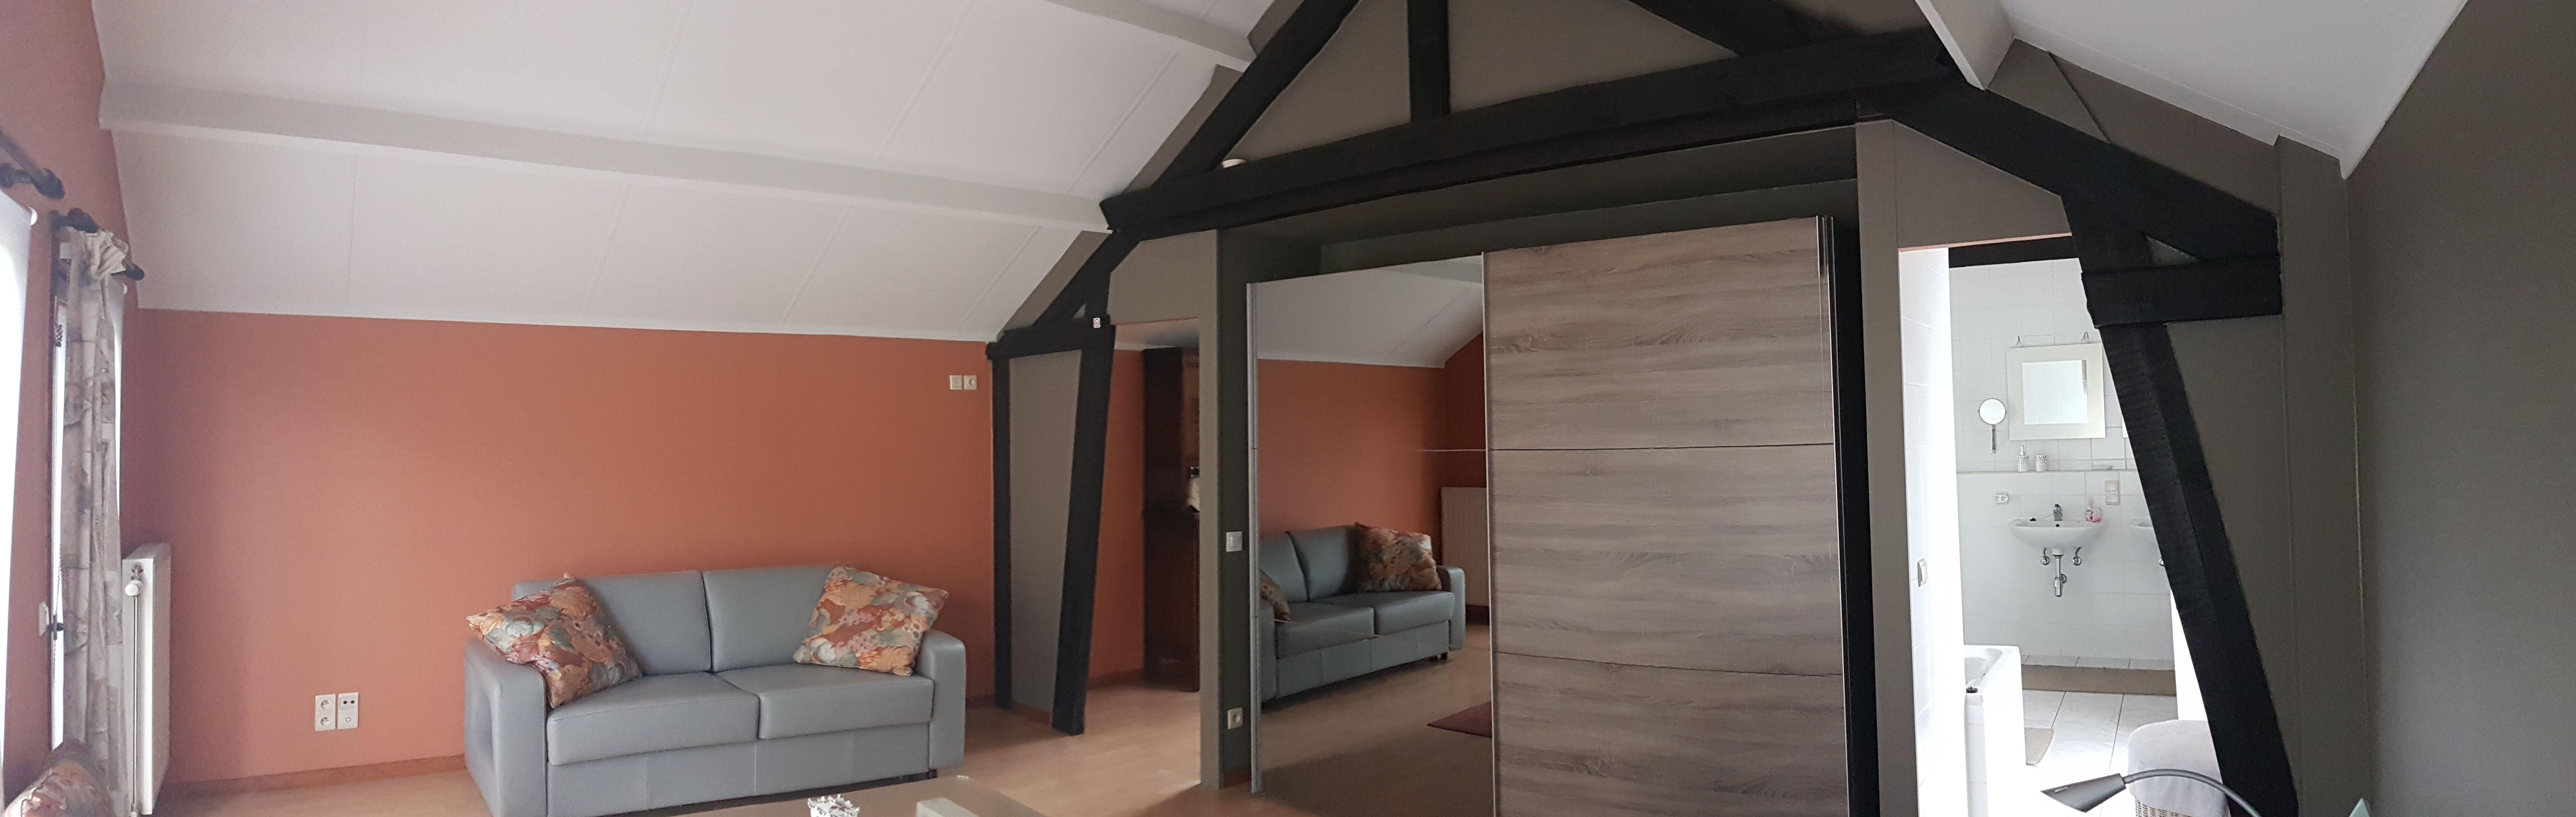 Grote Slaapkamer + Zetelbed